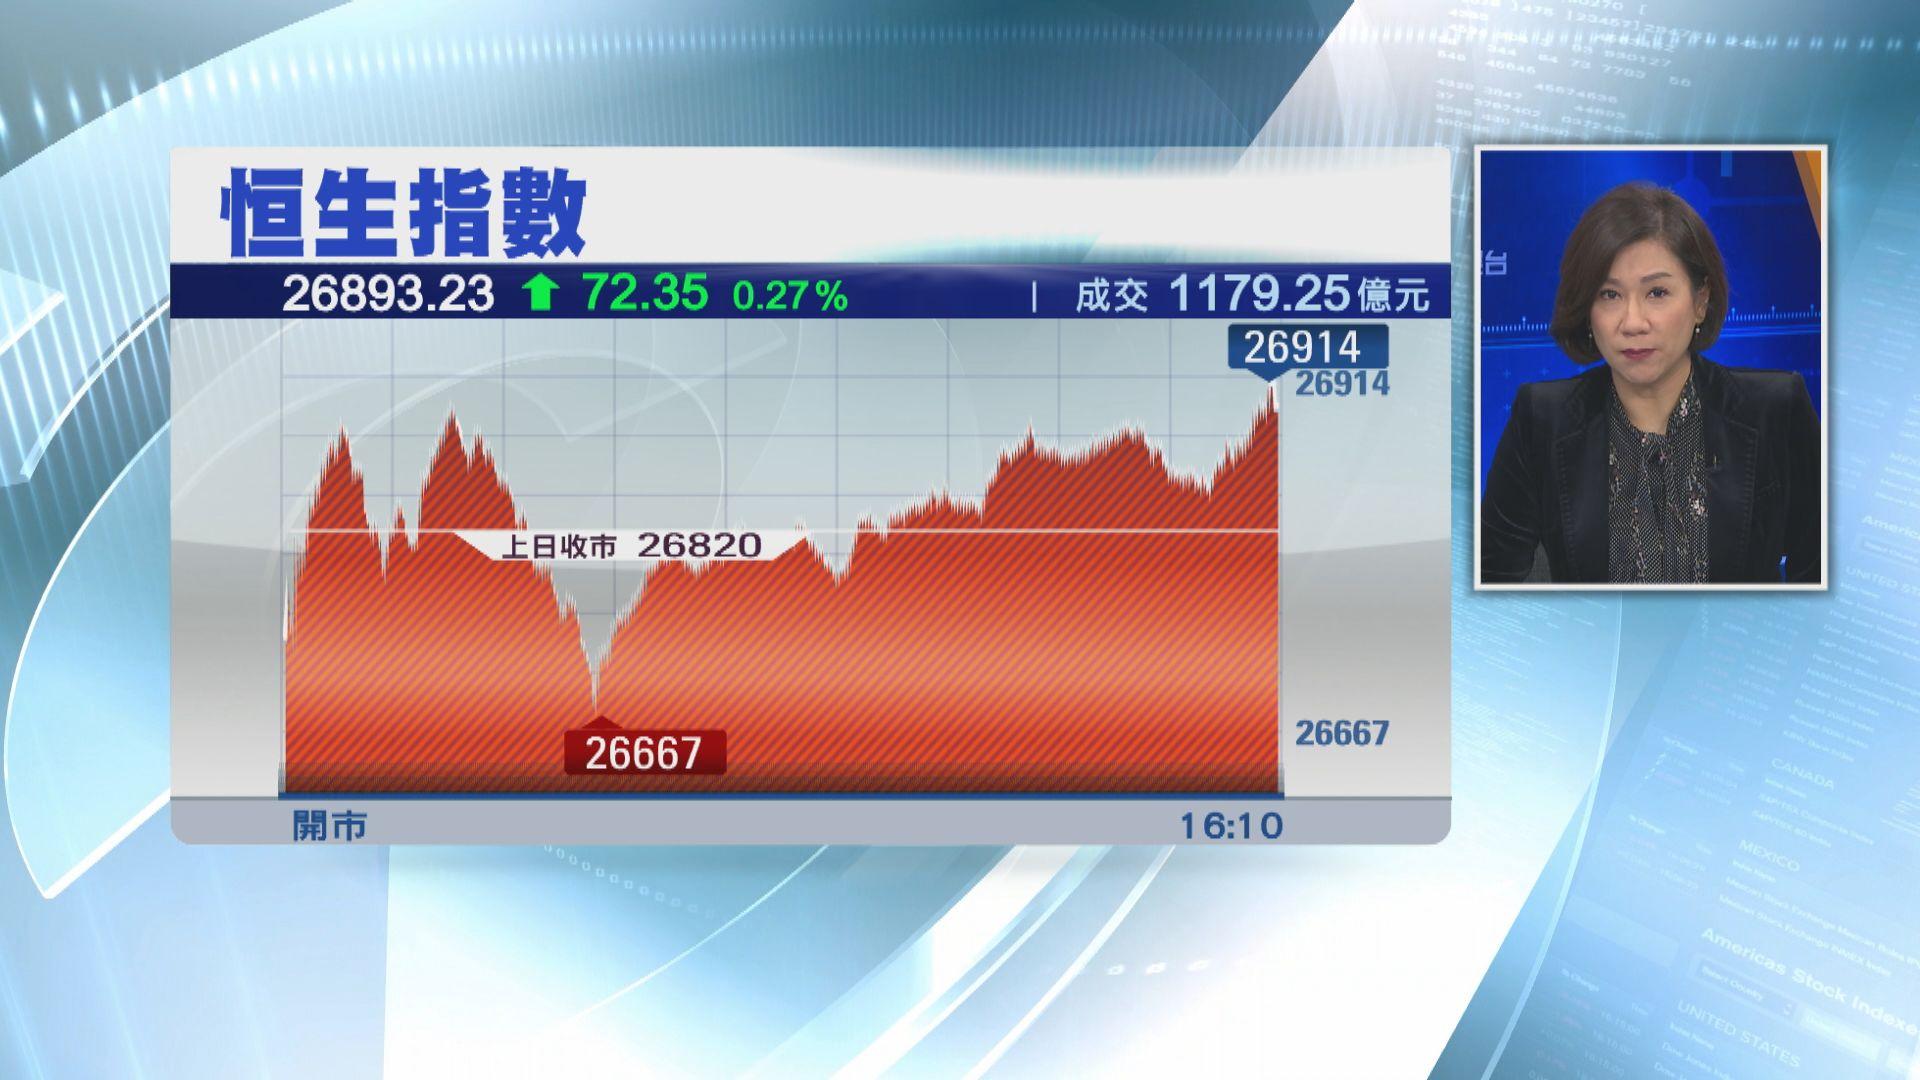 【港股收市】隔晚外圍大瀉對港股影響微 恒指倒升72點收市